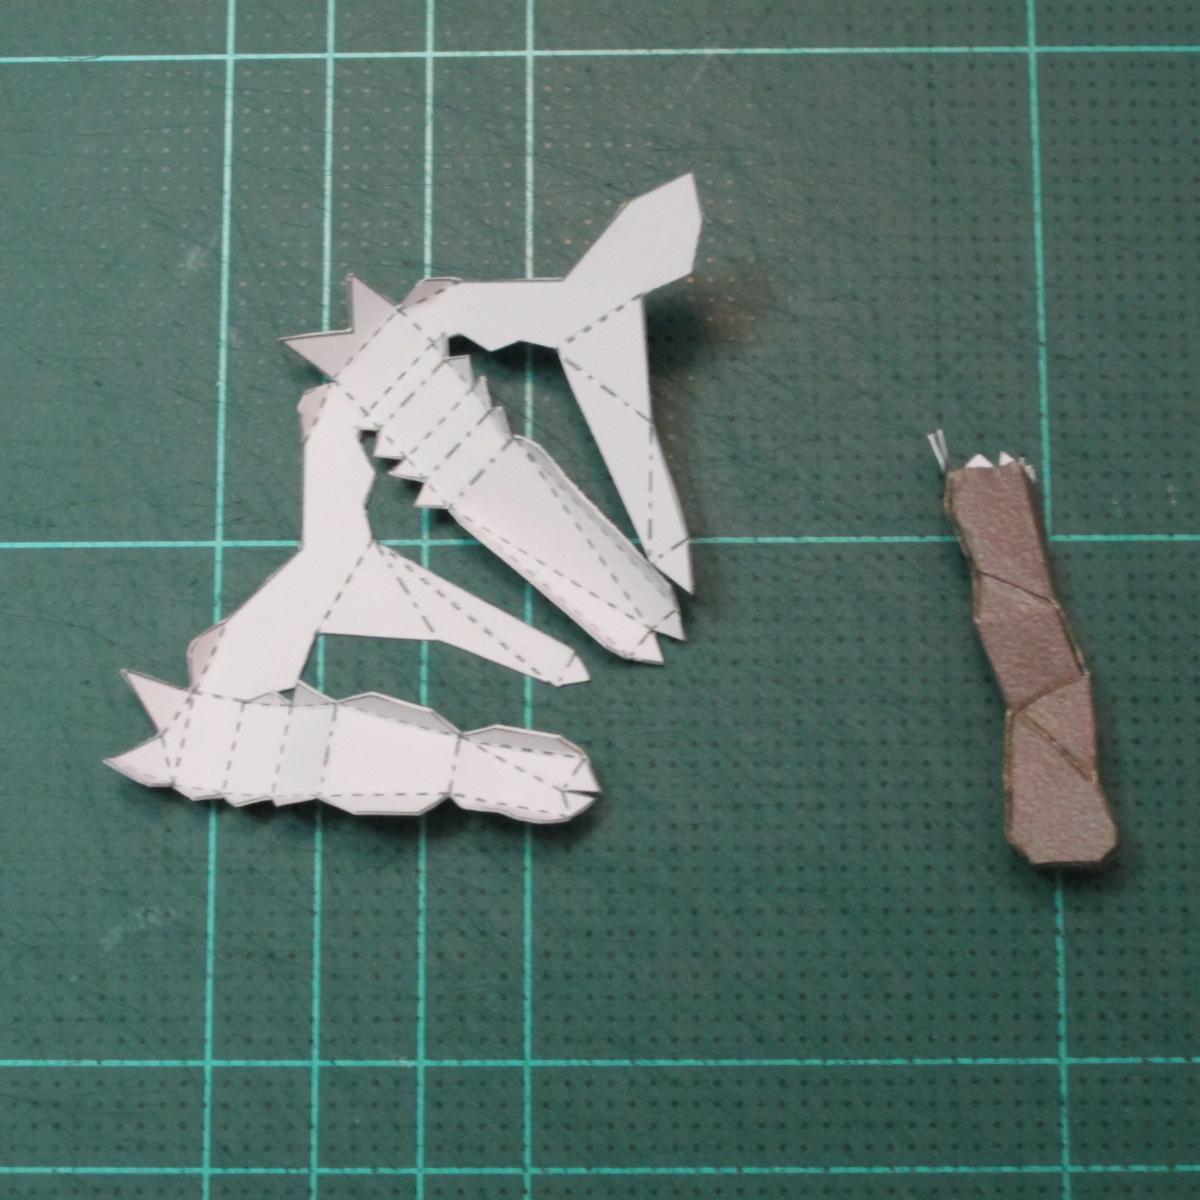 วิธีทำโมเดลกระดาษของเล่นคุกกี้รัน คุกกี้รสพ่อมด (Cookie Run Wizard Cookie Papercraft Model) 021